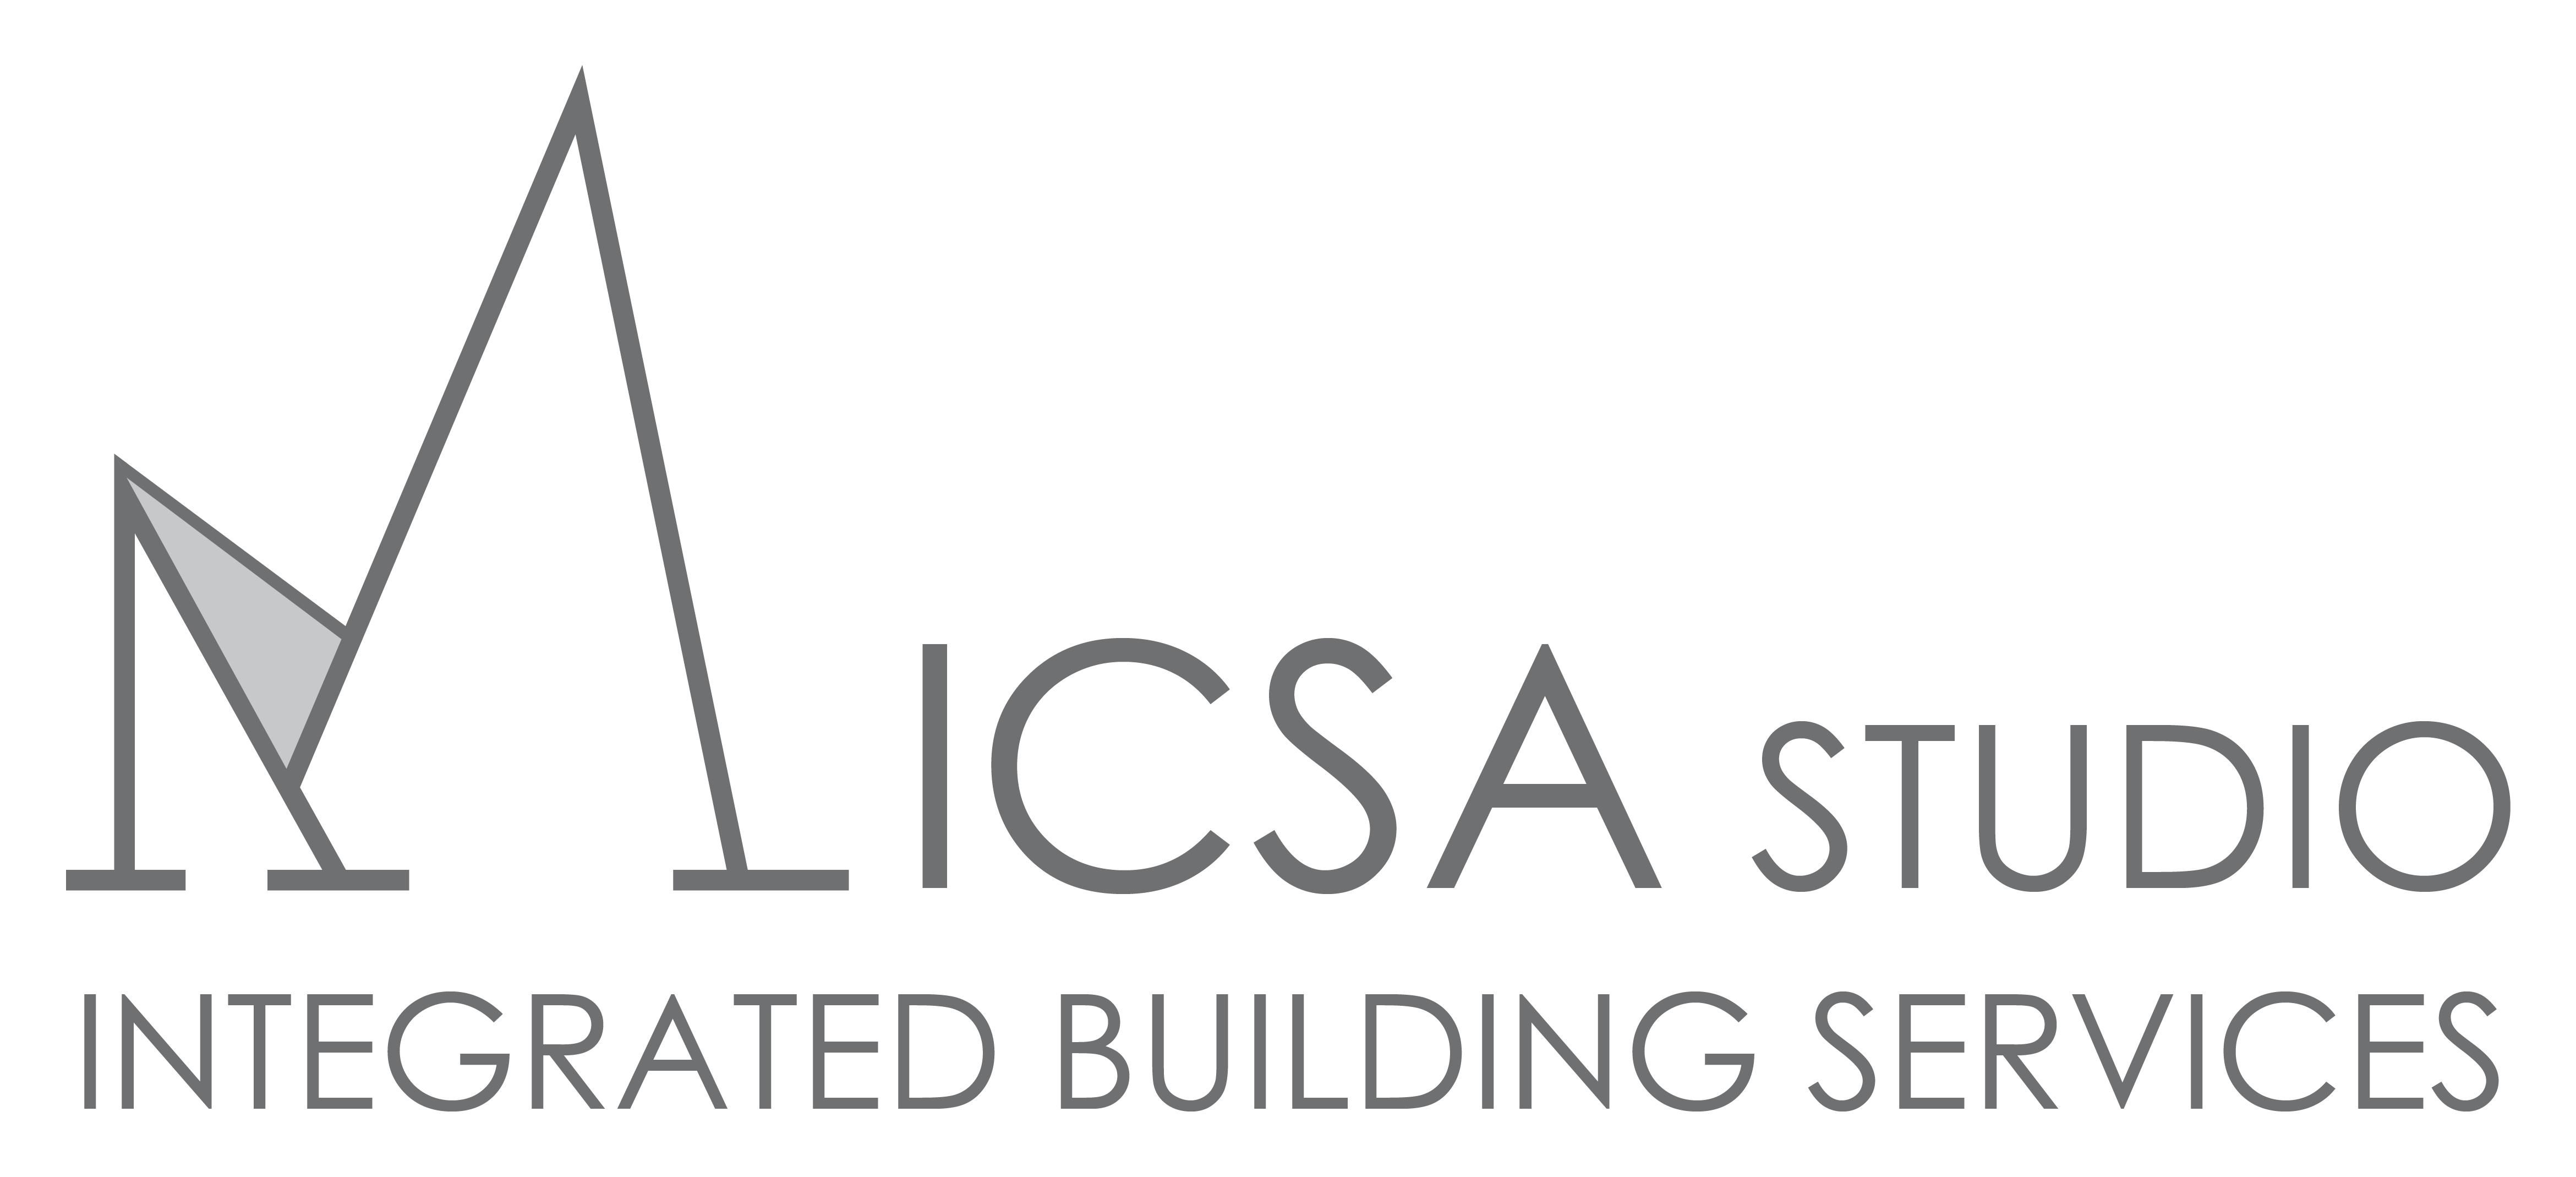 MICSA Studio